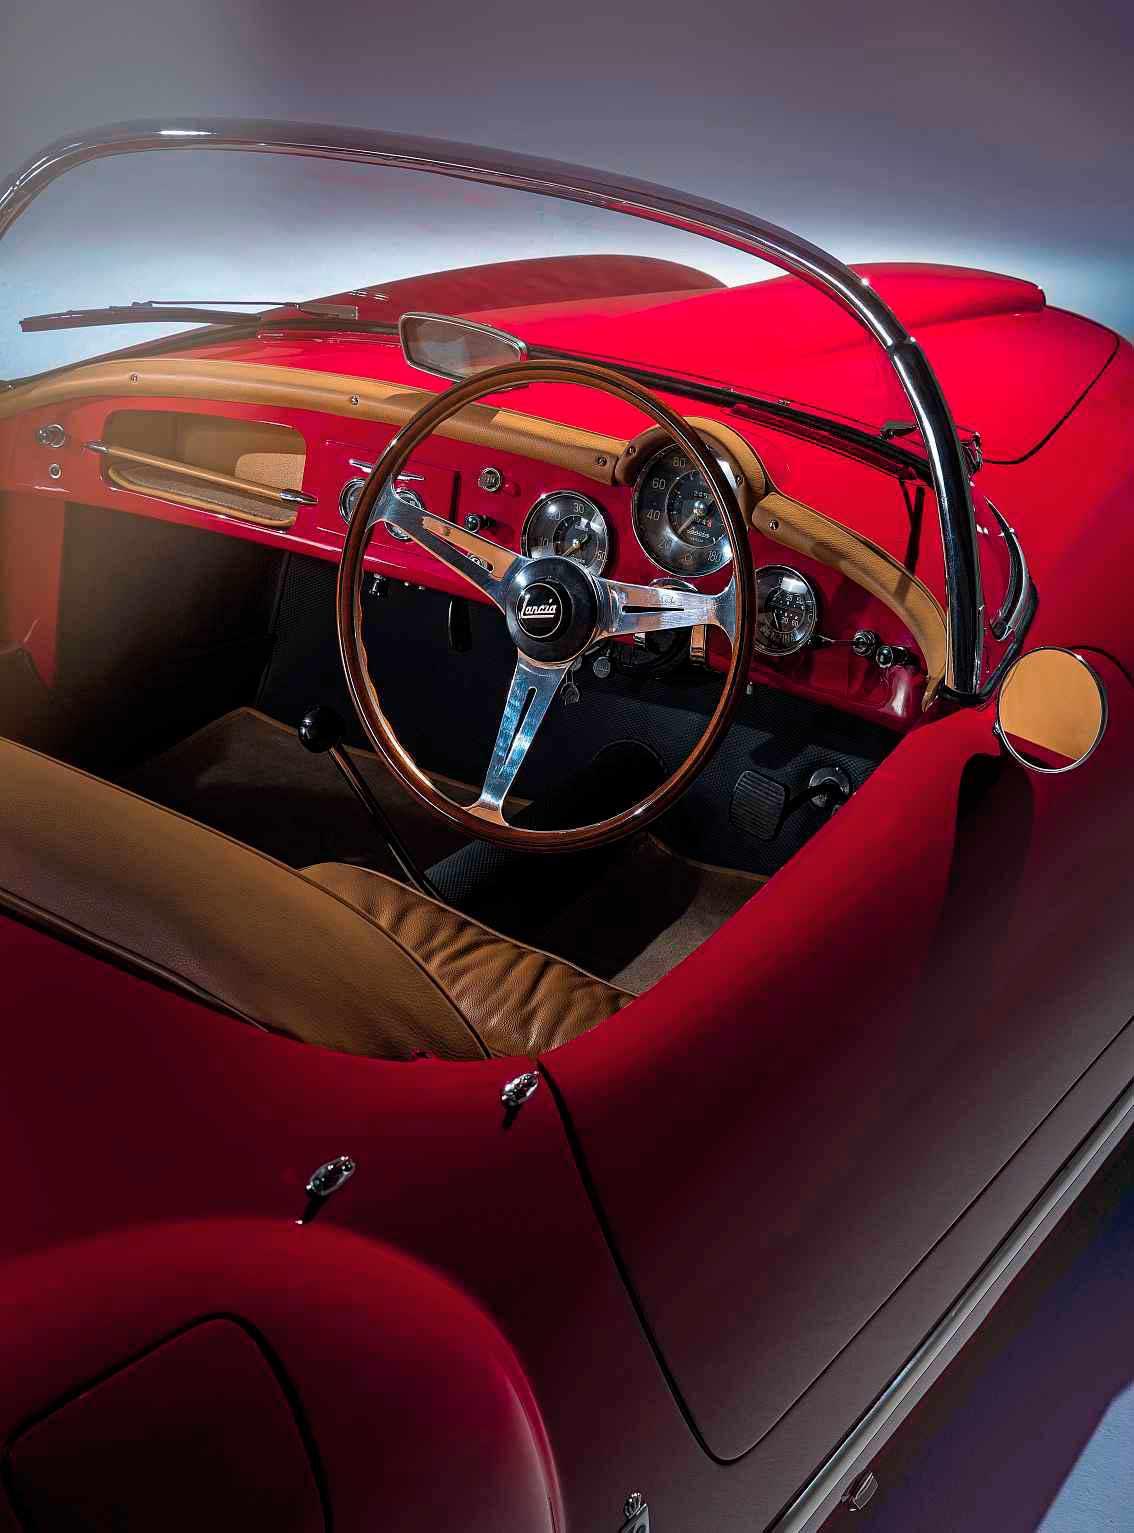 1955 Lancia Aurelia B24 America interior